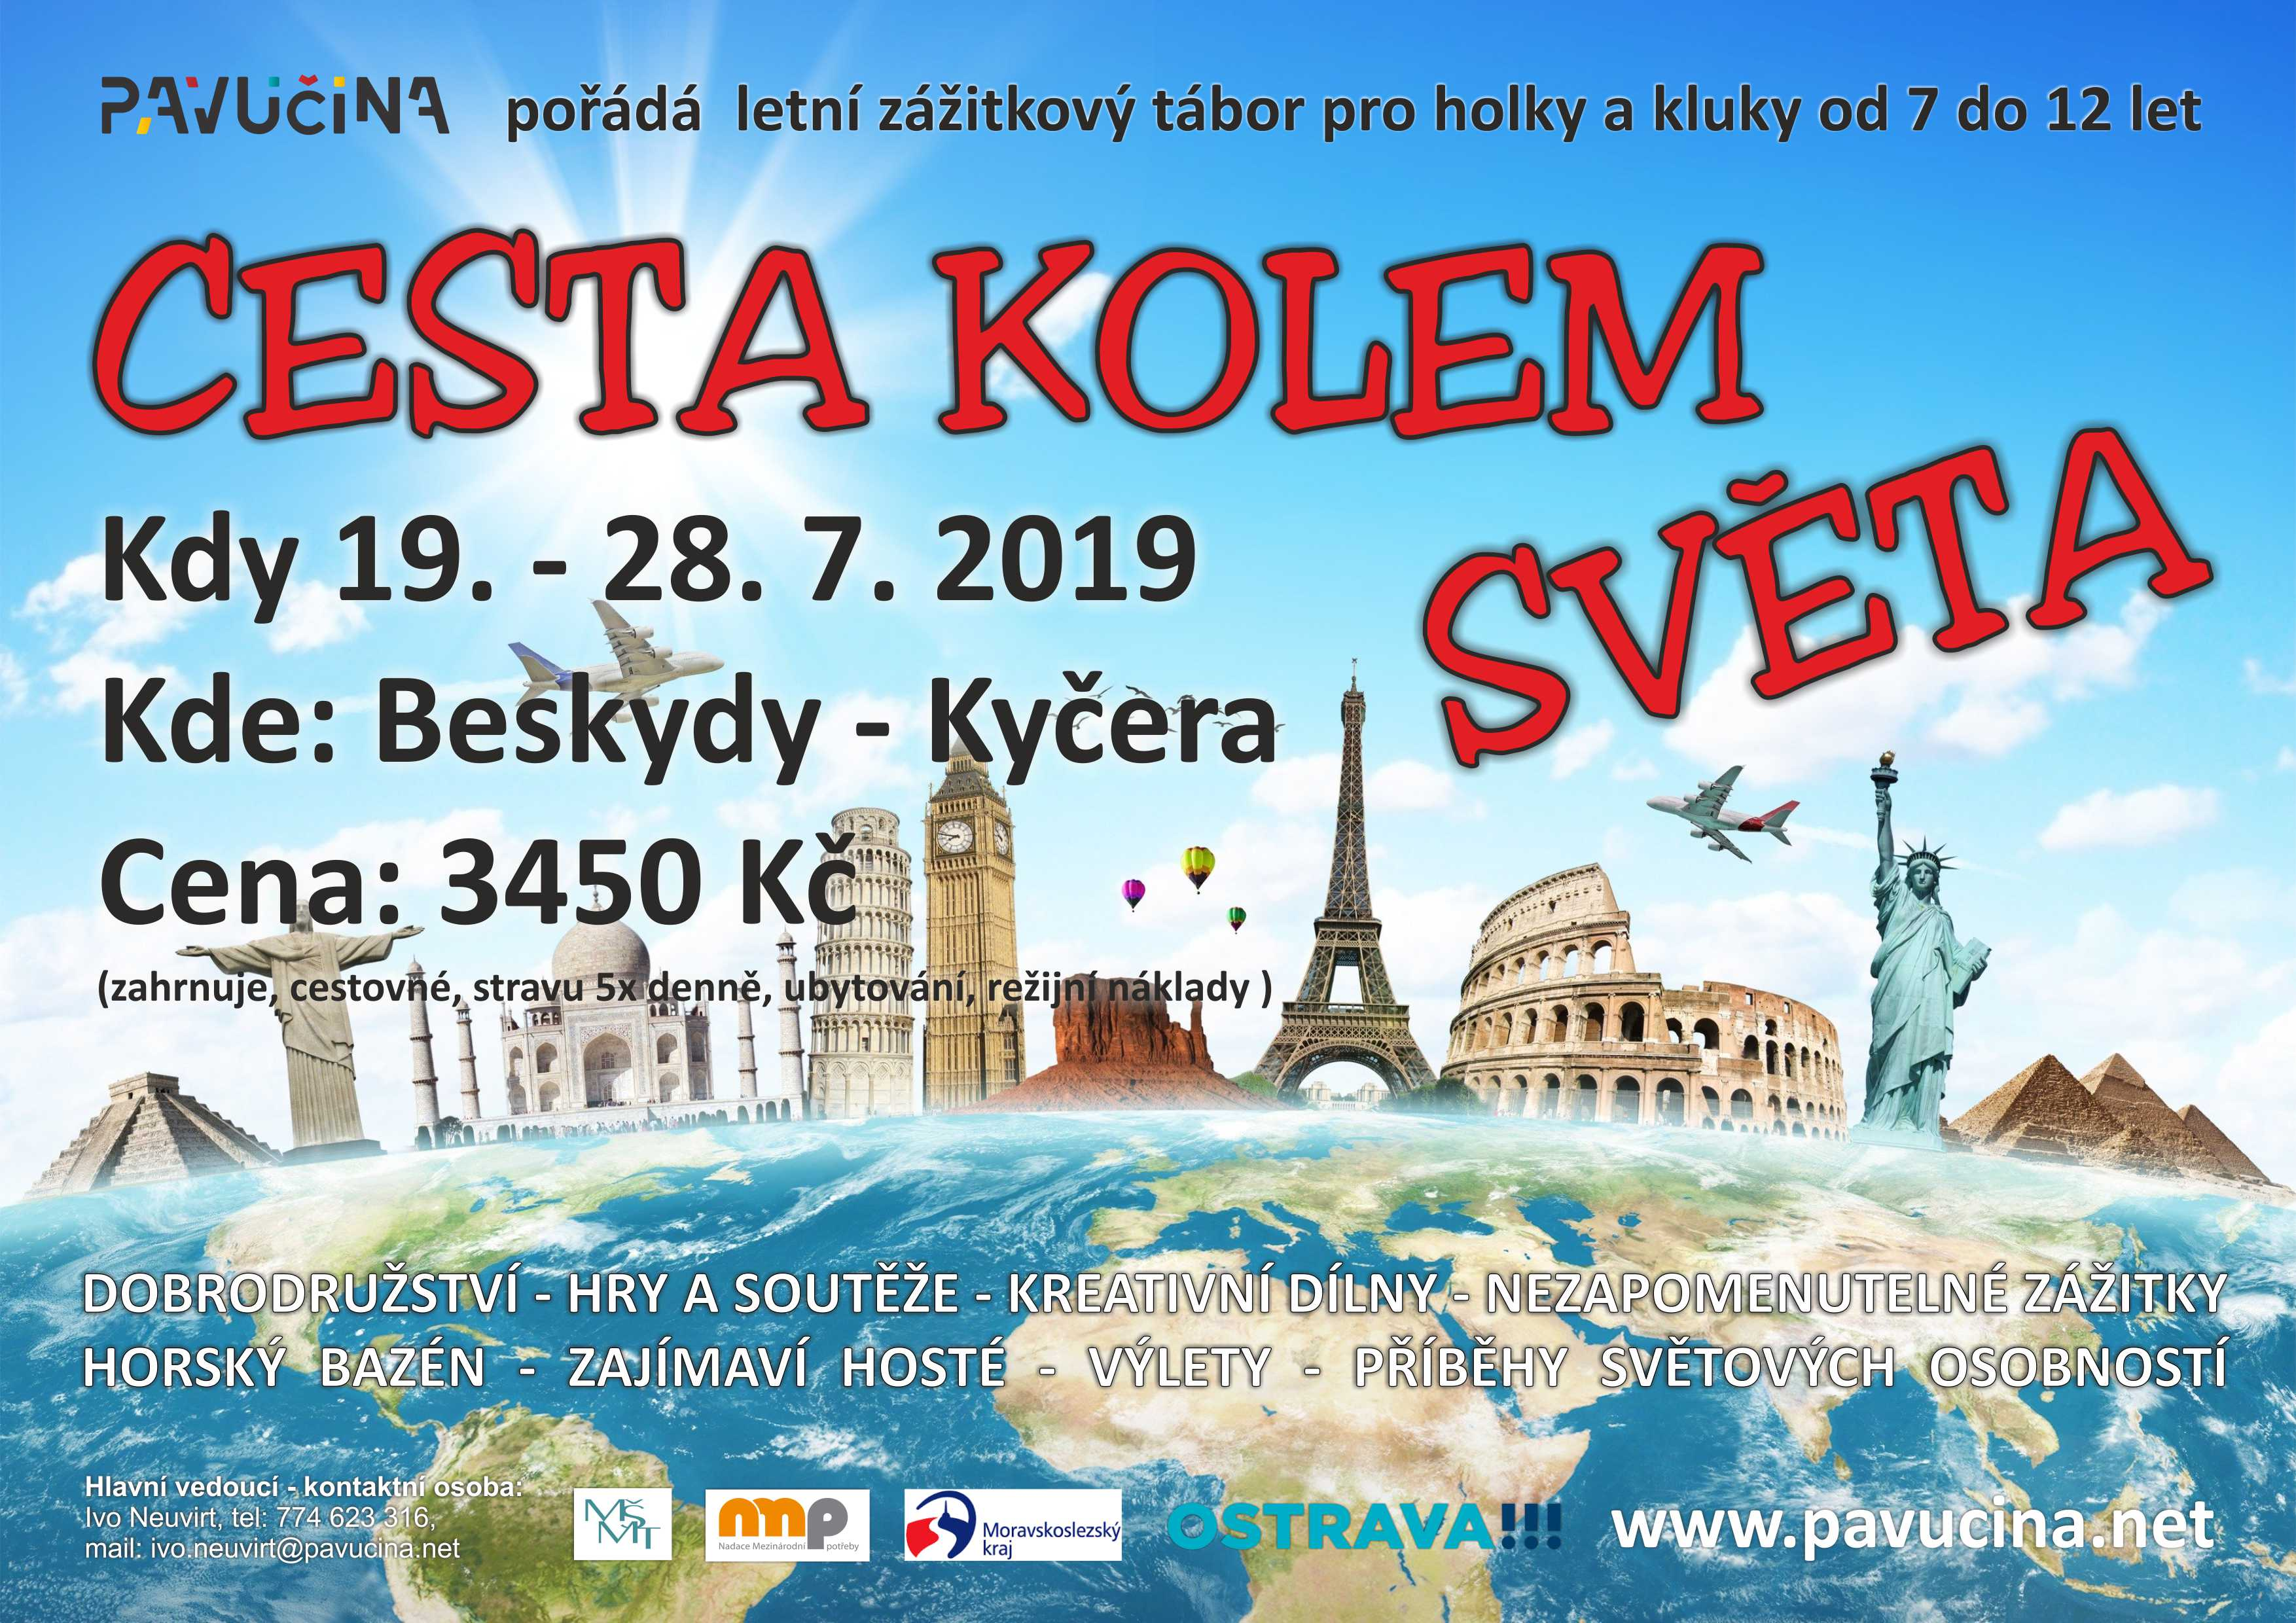 2019-cks-pozvanka-rgb.jpg